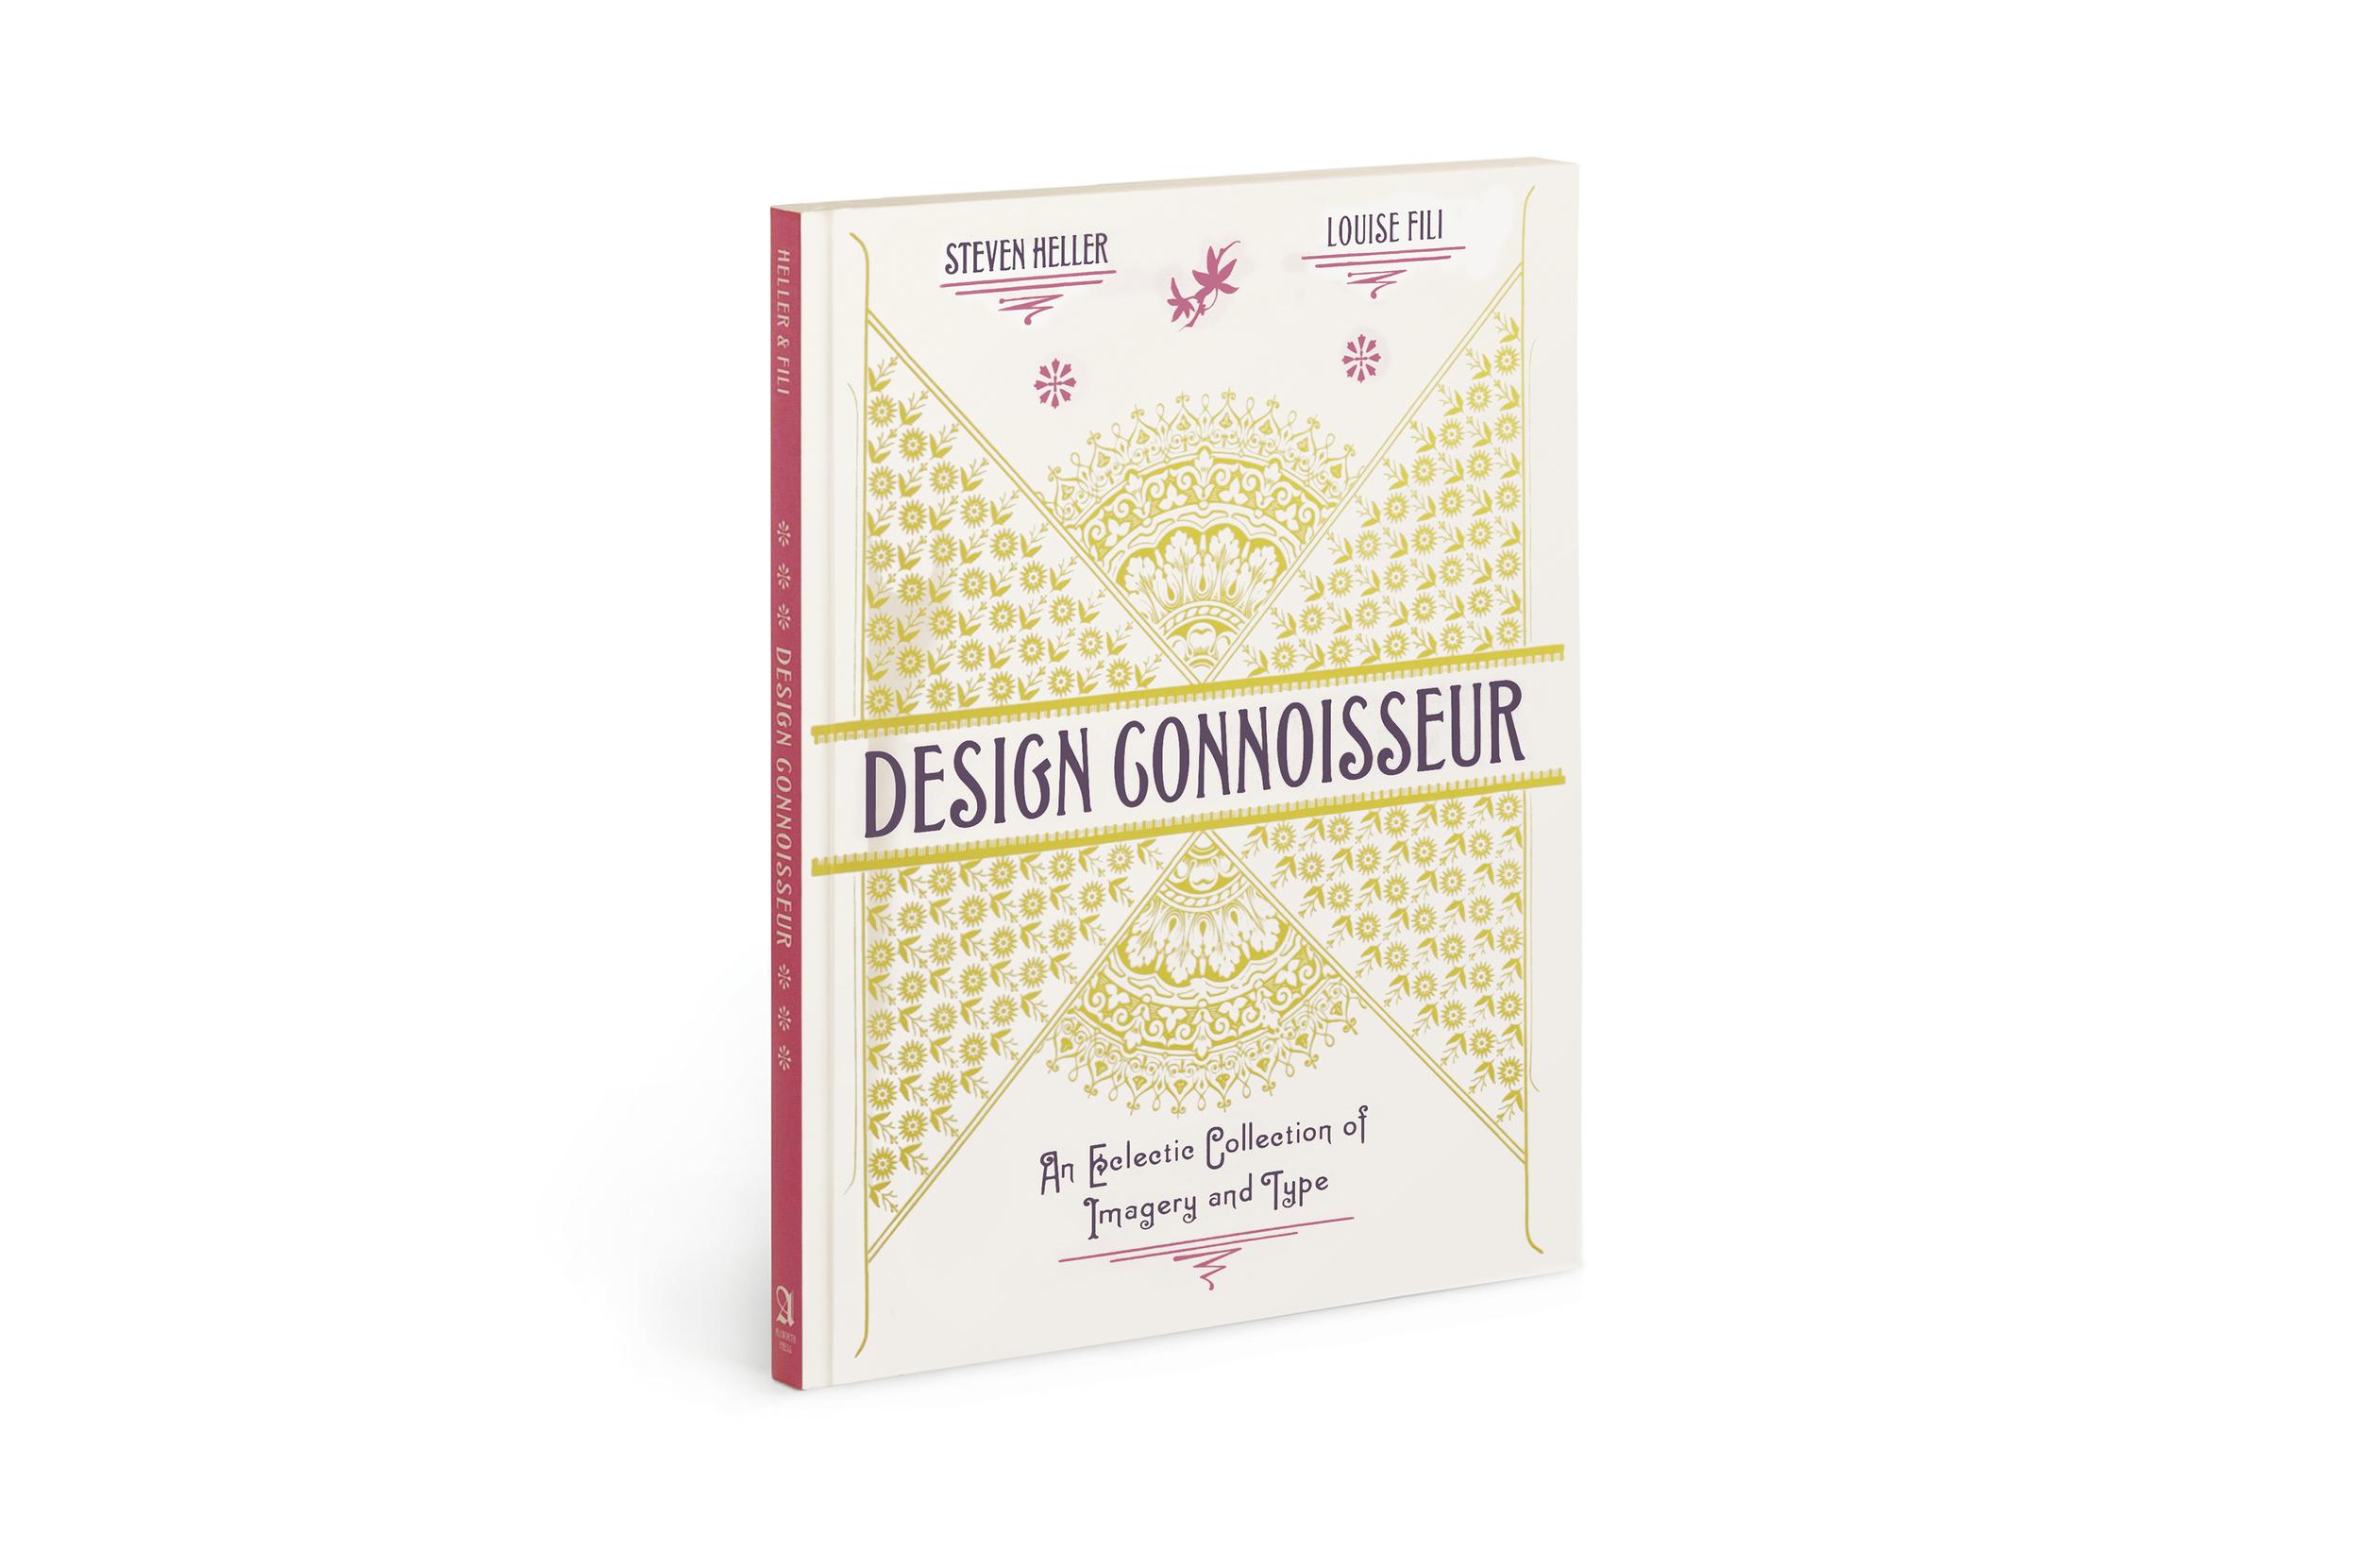 DesignConnoisseur_Slide1.jpg